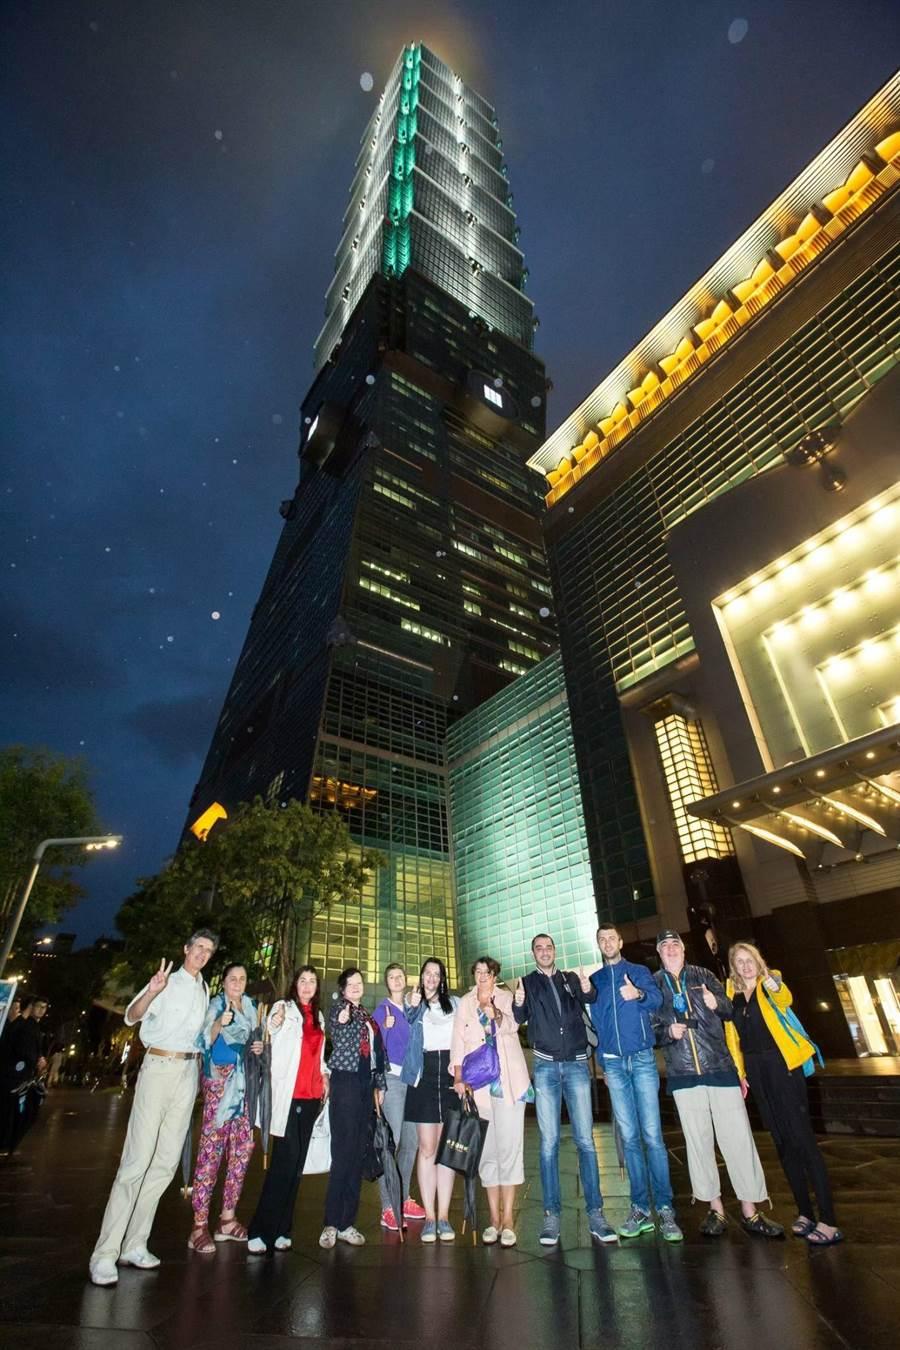 台北101是觀光客來台重要的景點,過去曾有俄羅斯代表來踩線。(台北101提供)